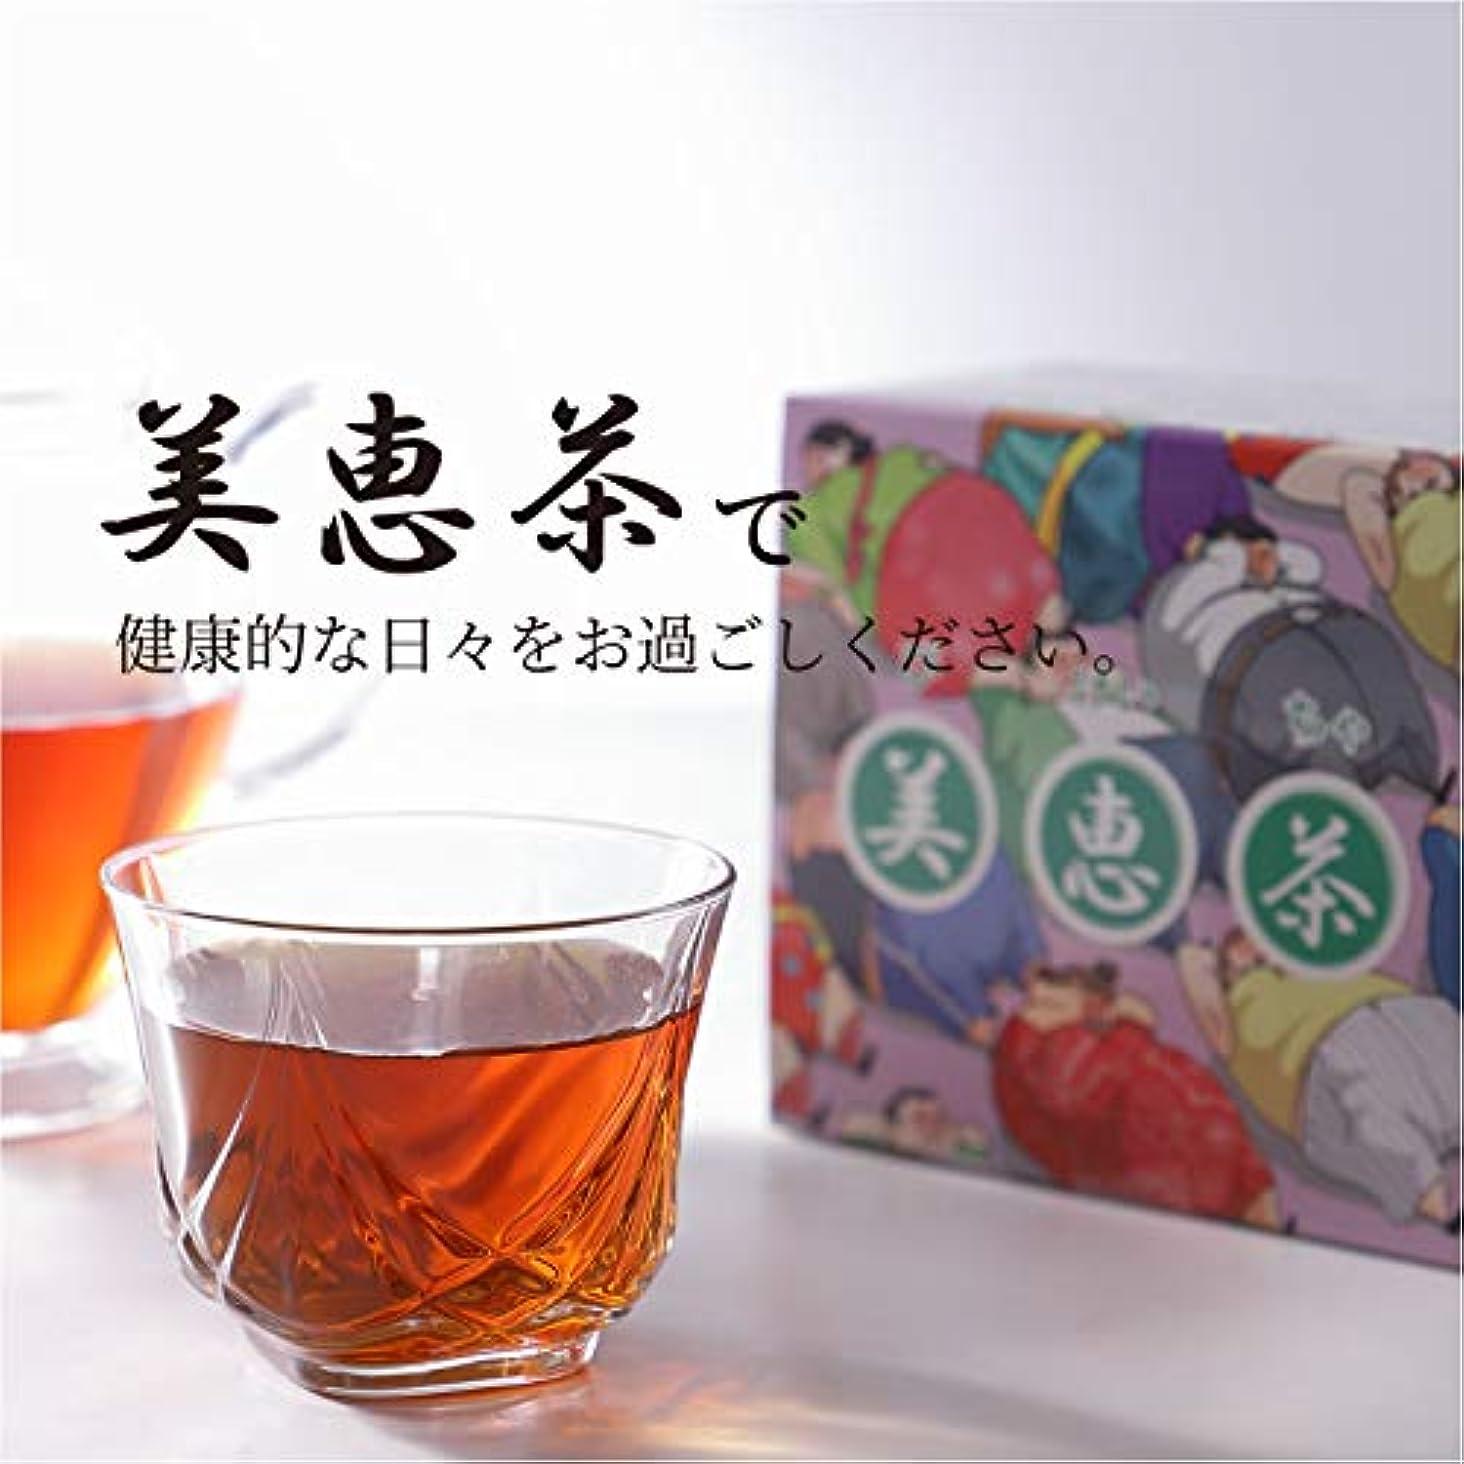 加害者罰雨の美恵茶